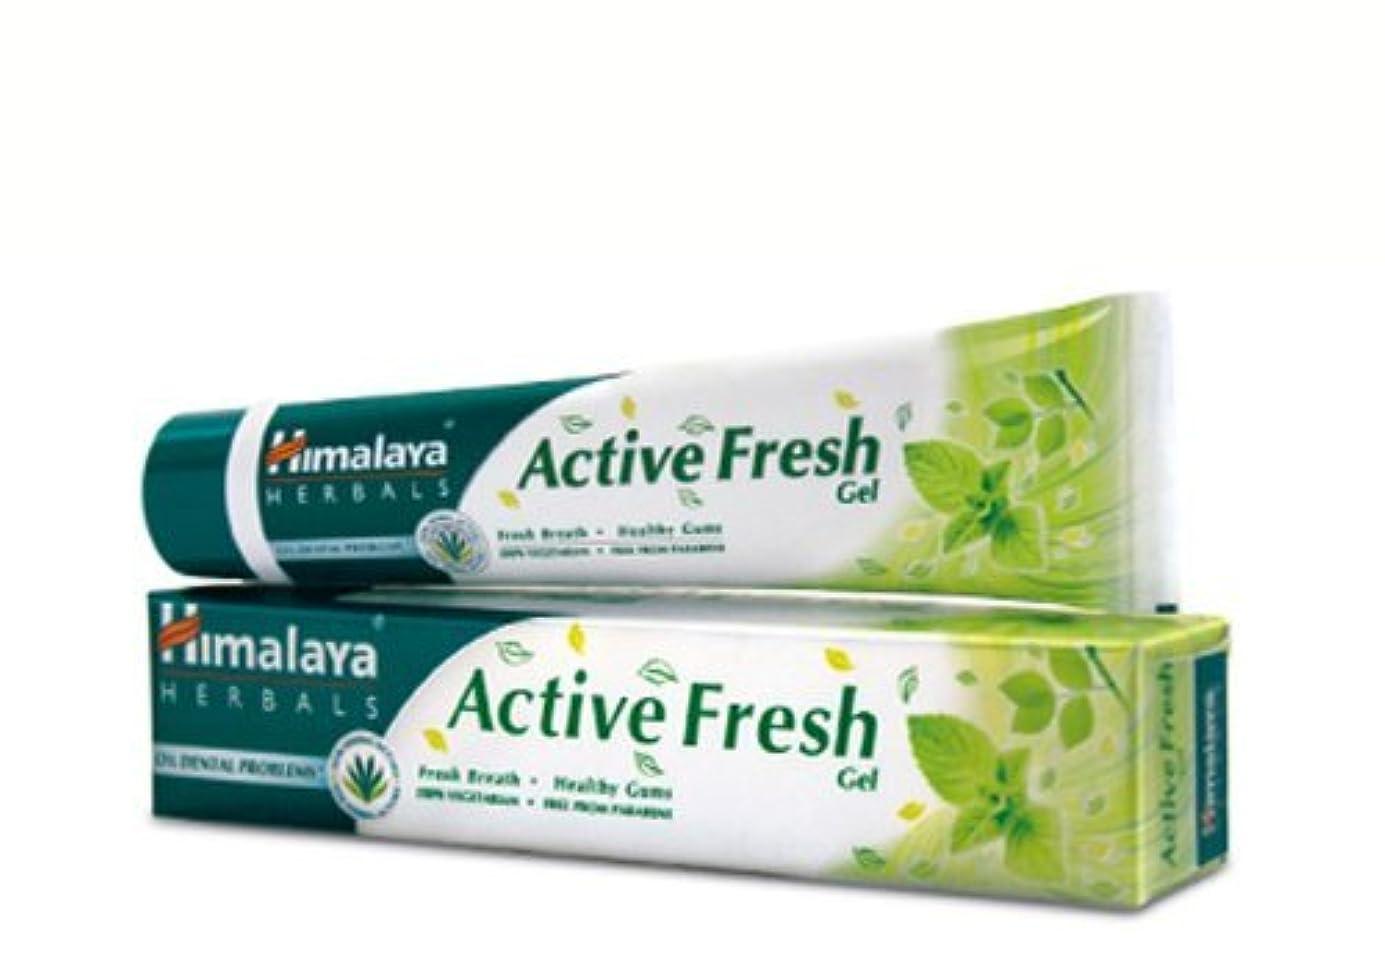 売る副観光ヒマラヤ トゥースペイスト アクティブ フレッシュ(歯磨き粉)80g×4本 Himalaya Active Fresh Toothpaste